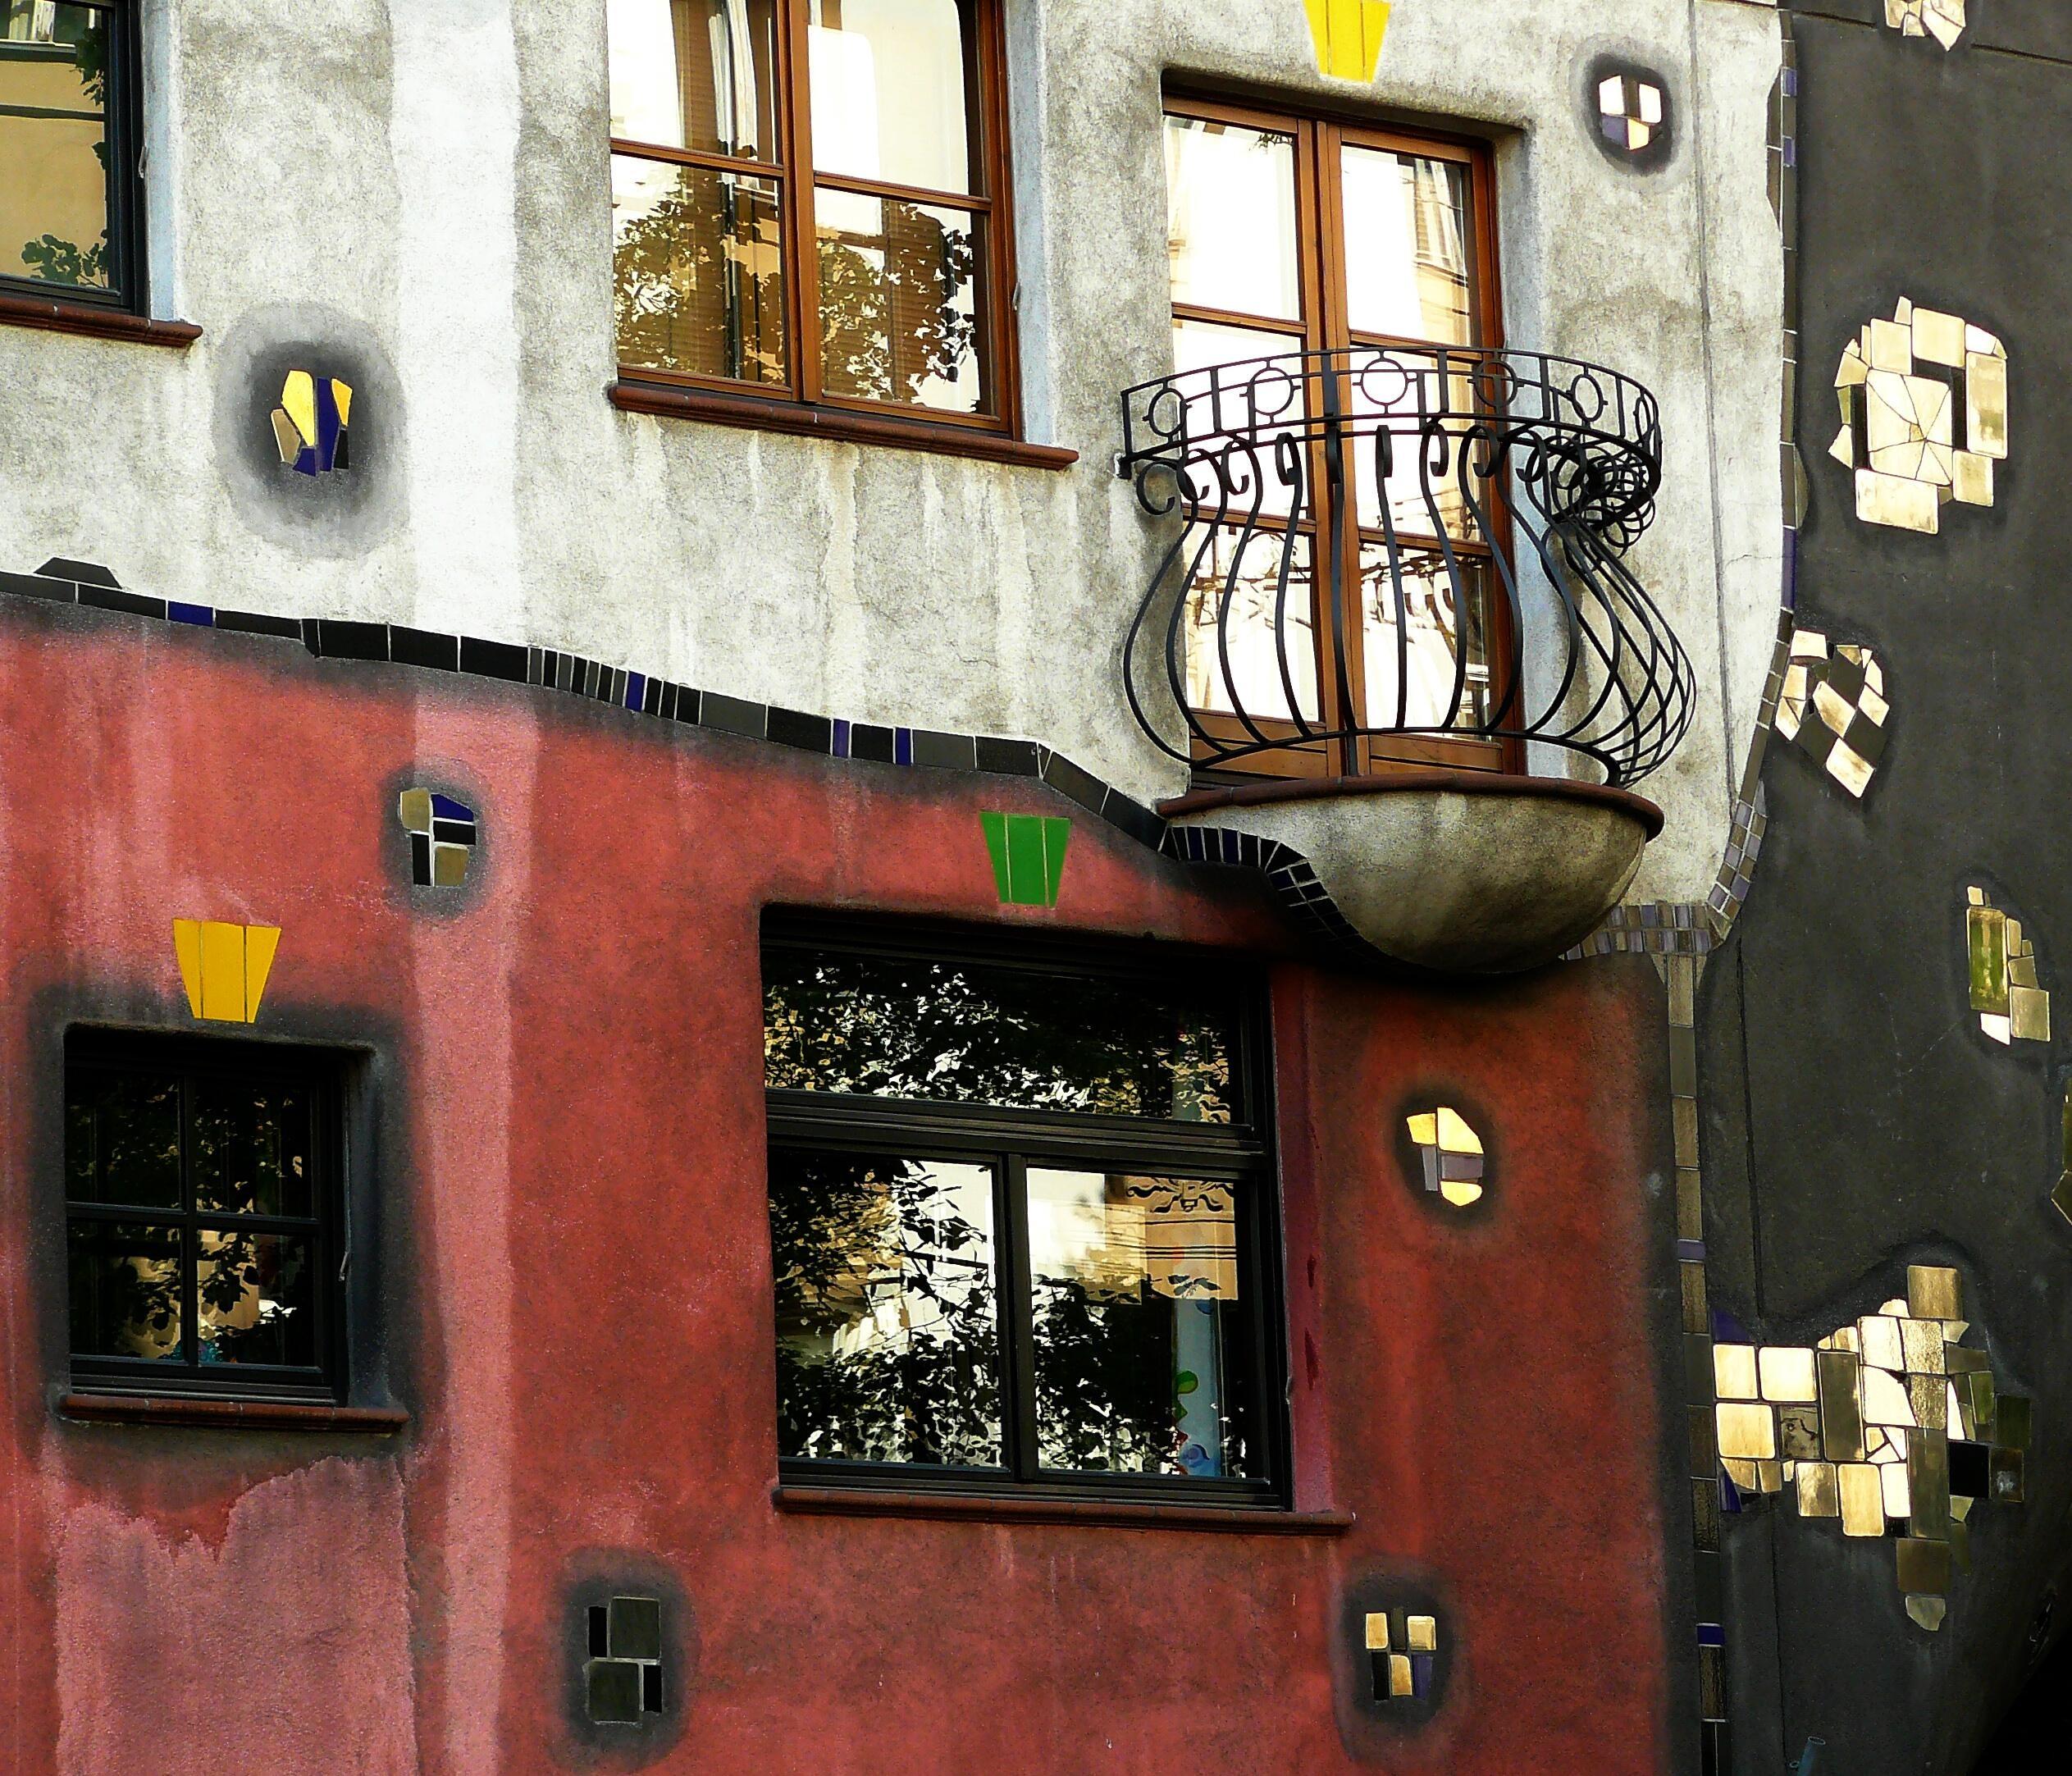 Images gratuites architecture route rue maison fen tre b timent restaurant mur balcon - Couleur mur interieur maison ...